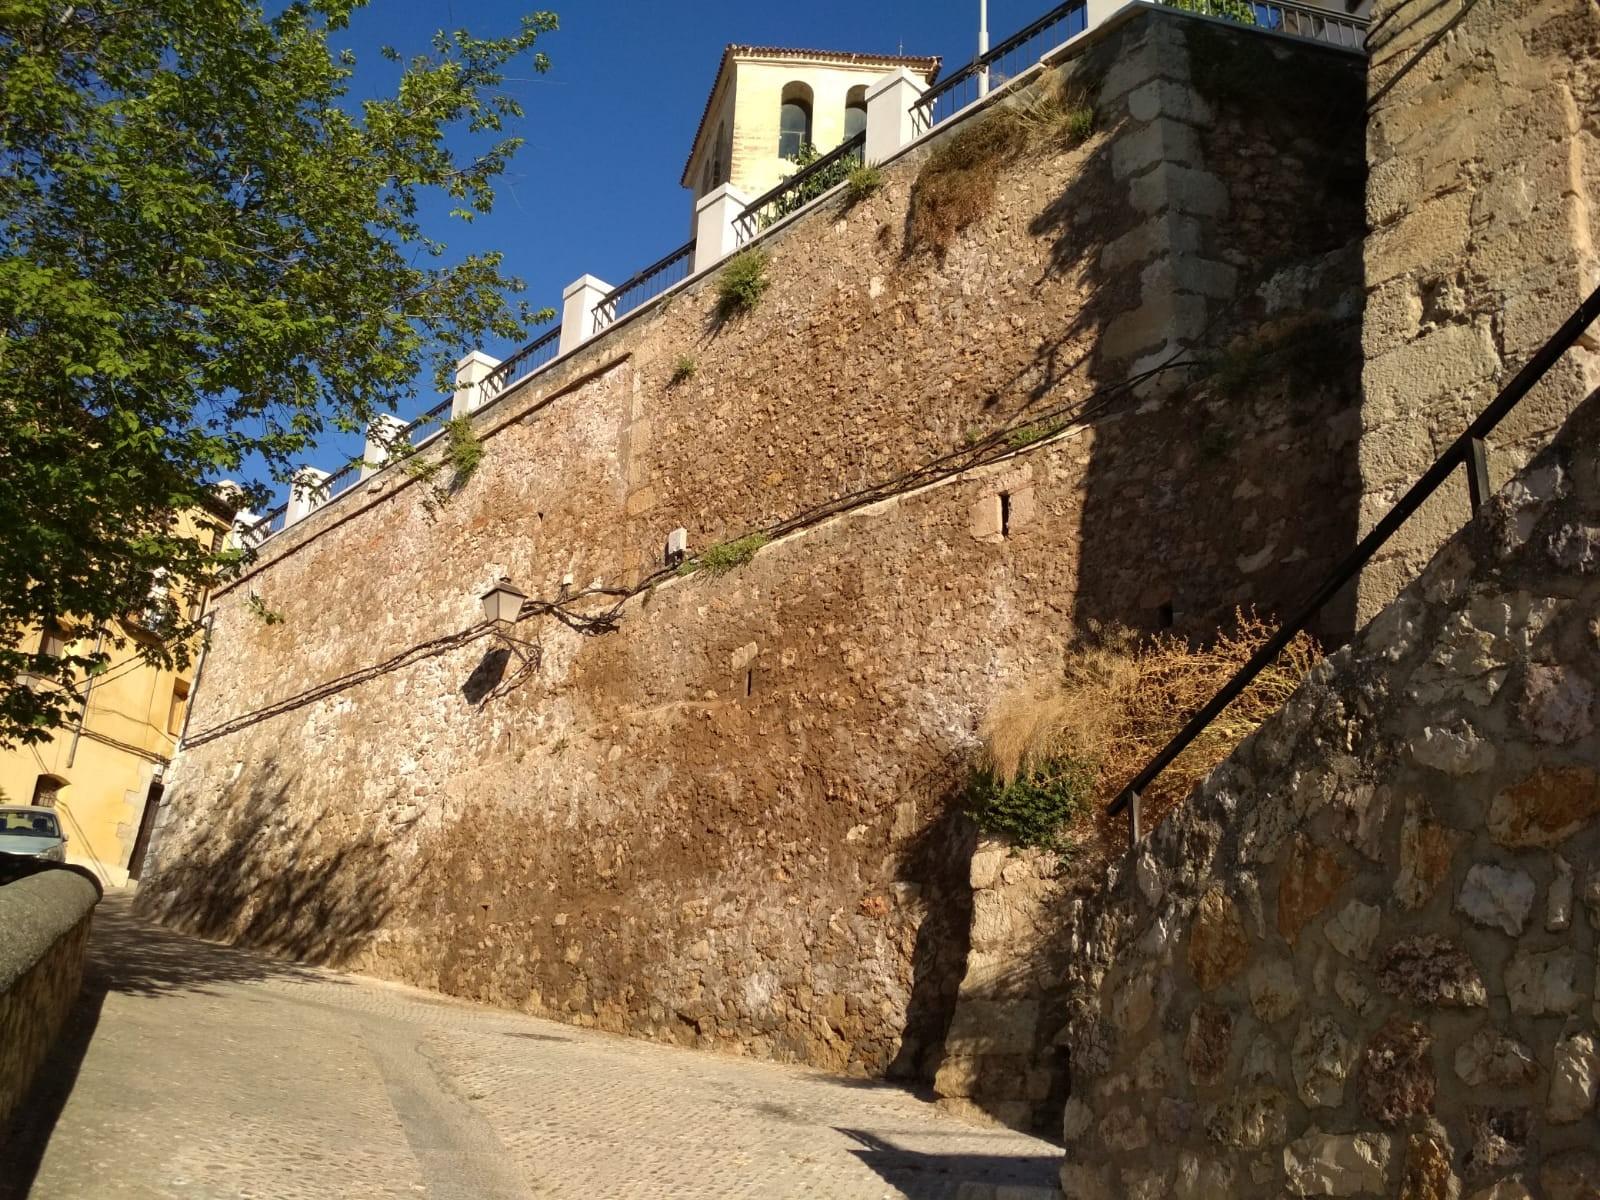 fc8fe4ef914 http://cuenca.ciudadanos-cs.org/wp-content/uploads/sites/153/2018/11/20181119-Corte-María-Jesús-Amores-Muro-Jardín-de-los-Poetas.mp3